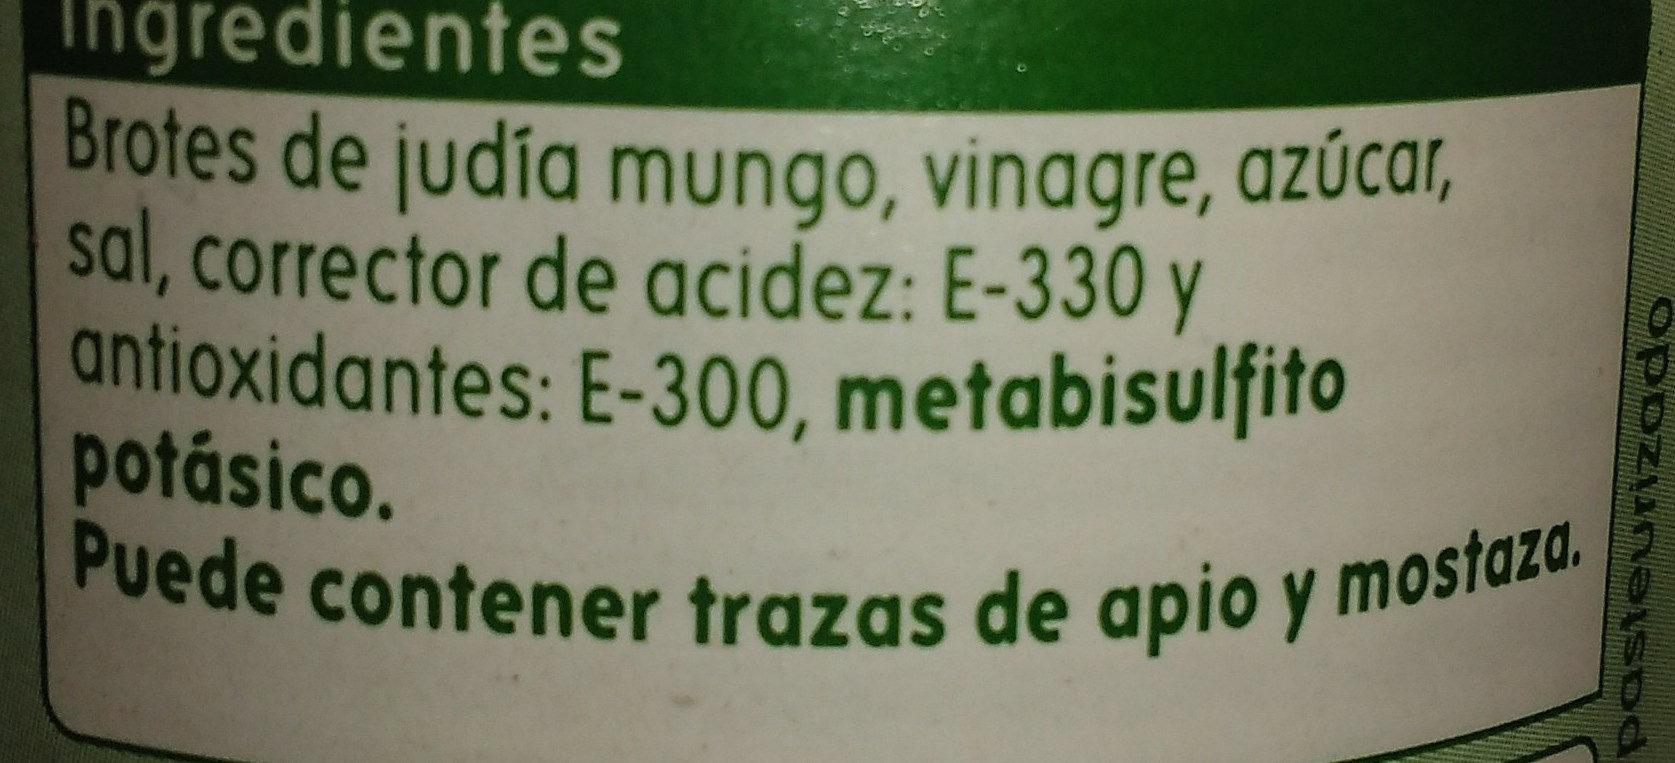 brotes germinados - Ingredientes - es